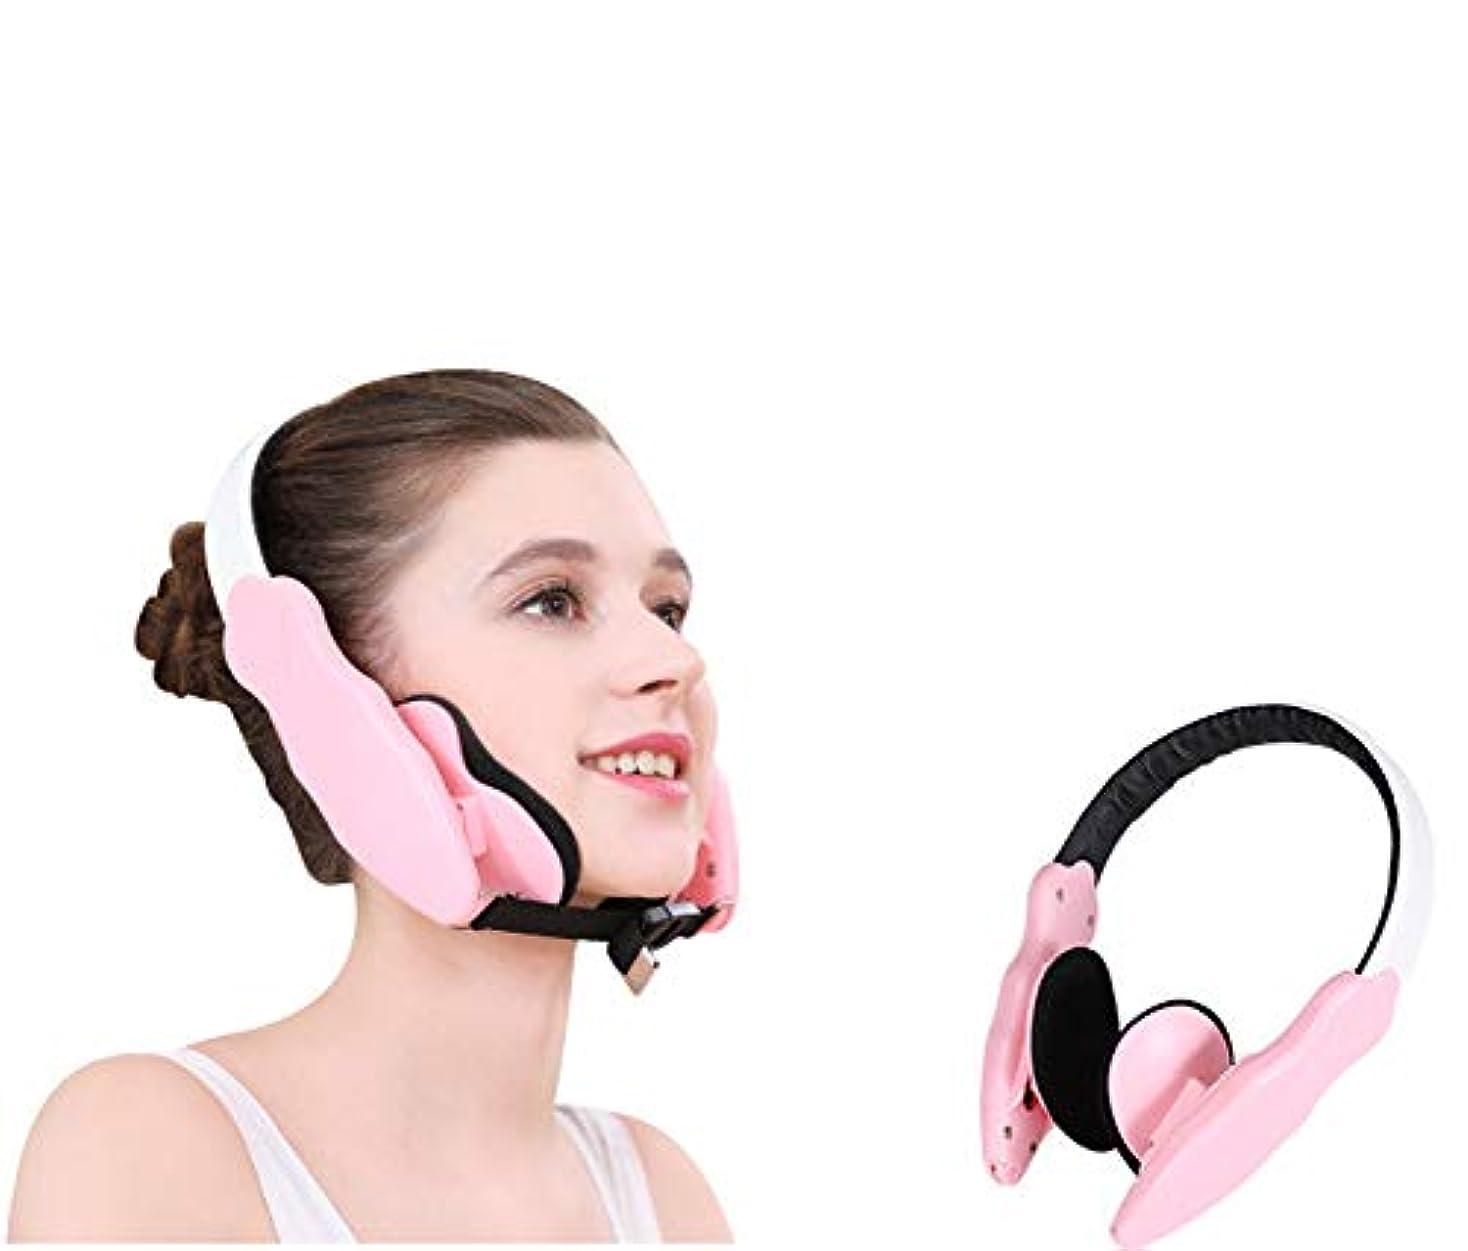 特徴著名なリサイクルするフェイスリフティングベルト、フェイスコレクション、フェイスリフティングインストゥルメント、フェイス/サイズの修正、アシンメトリー、下顎、ジョーアセンブラ (ピンク)